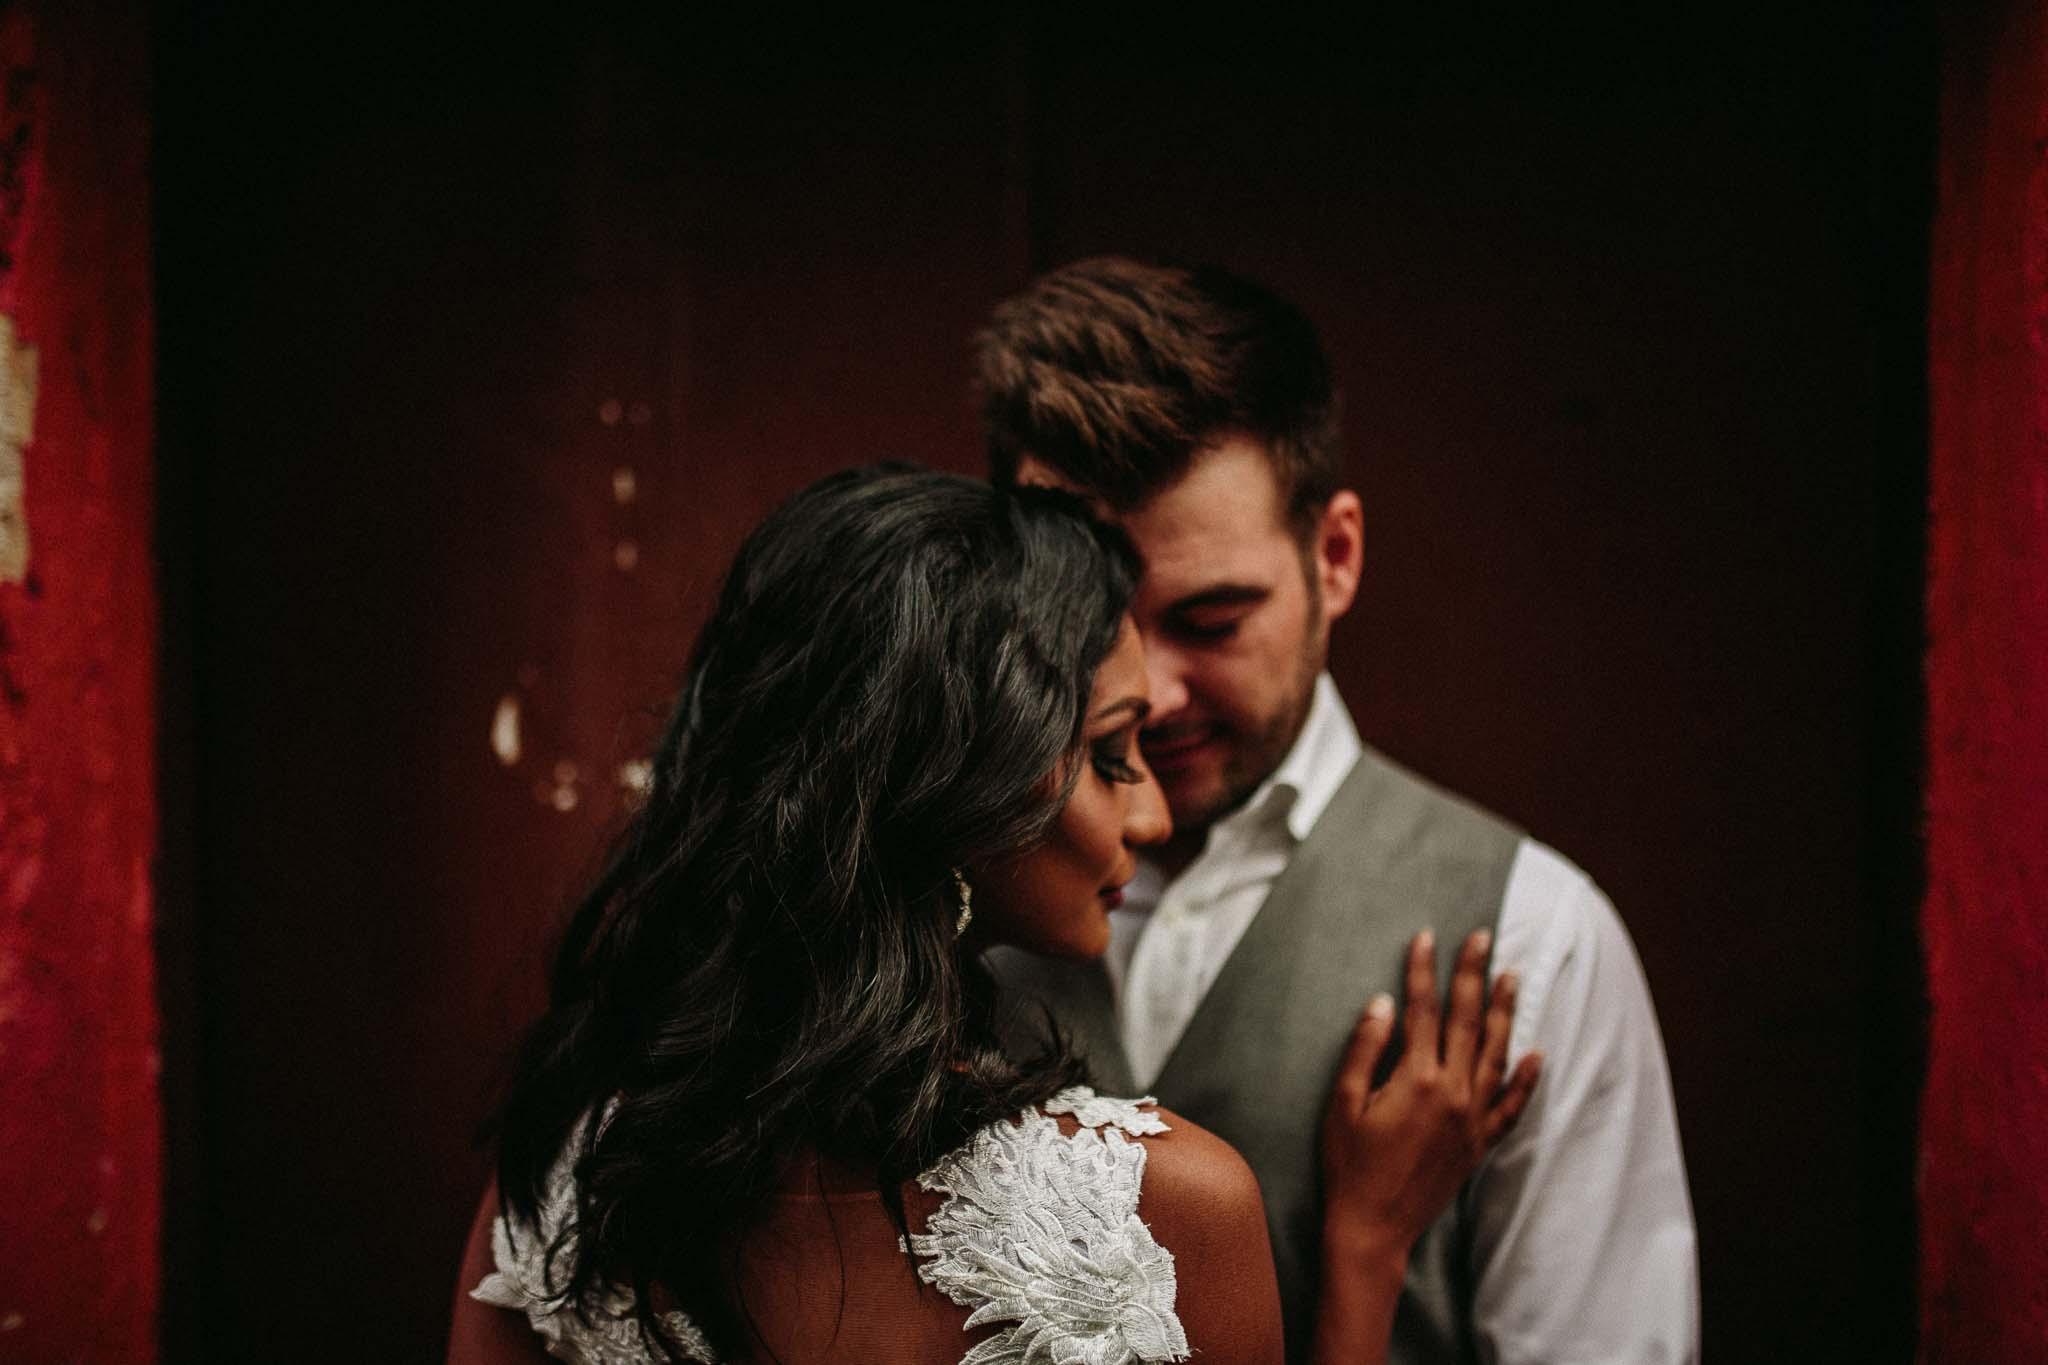 u&m-weddingsbyqay-lovesession-destinationweddingphotographer (56 of 160).jpg